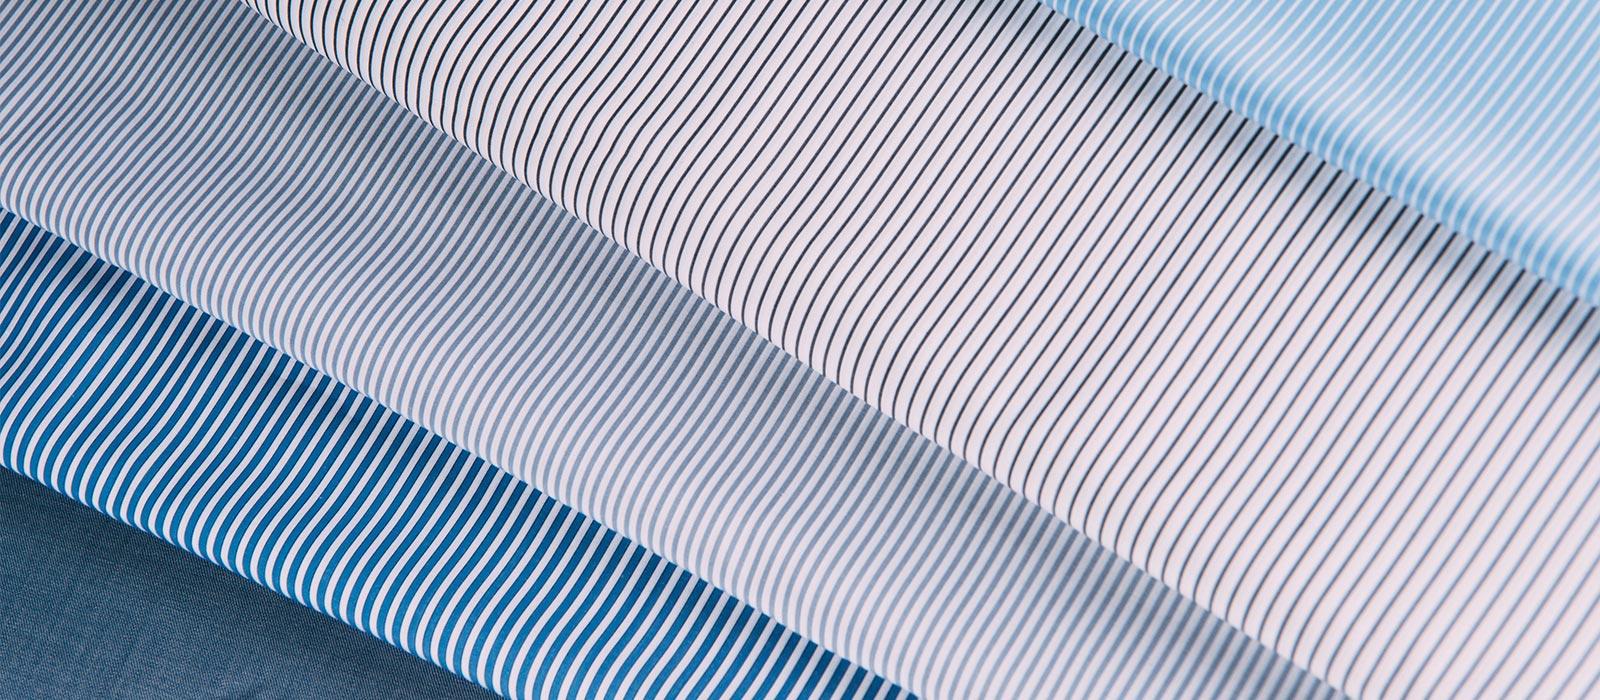 fabric-czar-slide2